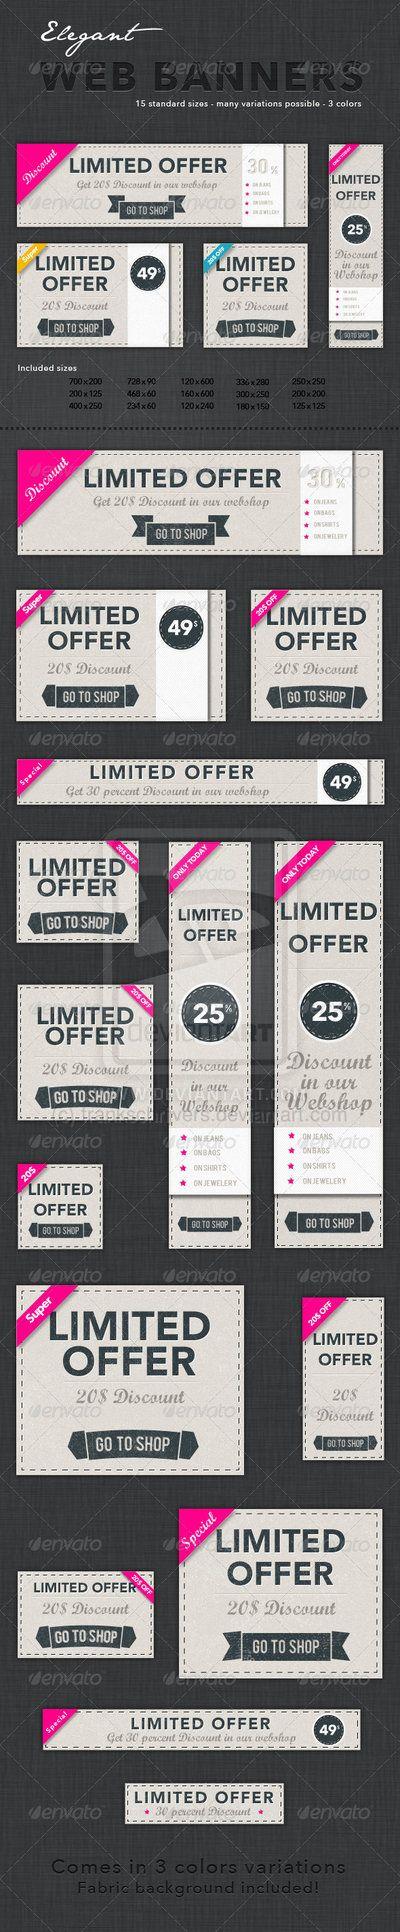 Elegant Web Banners by ~frankschrijvers on deviantART